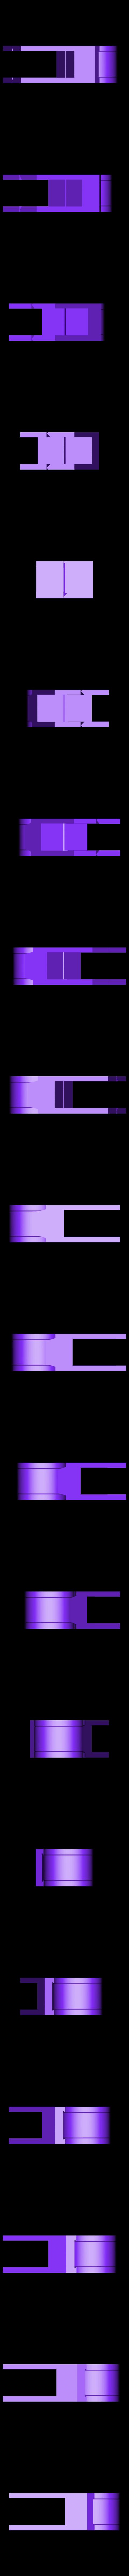 big_jointV3stl.stl Télécharger fichier STL gratuit Aile Infastructure métallique • Design pour impression 3D, Fayeya